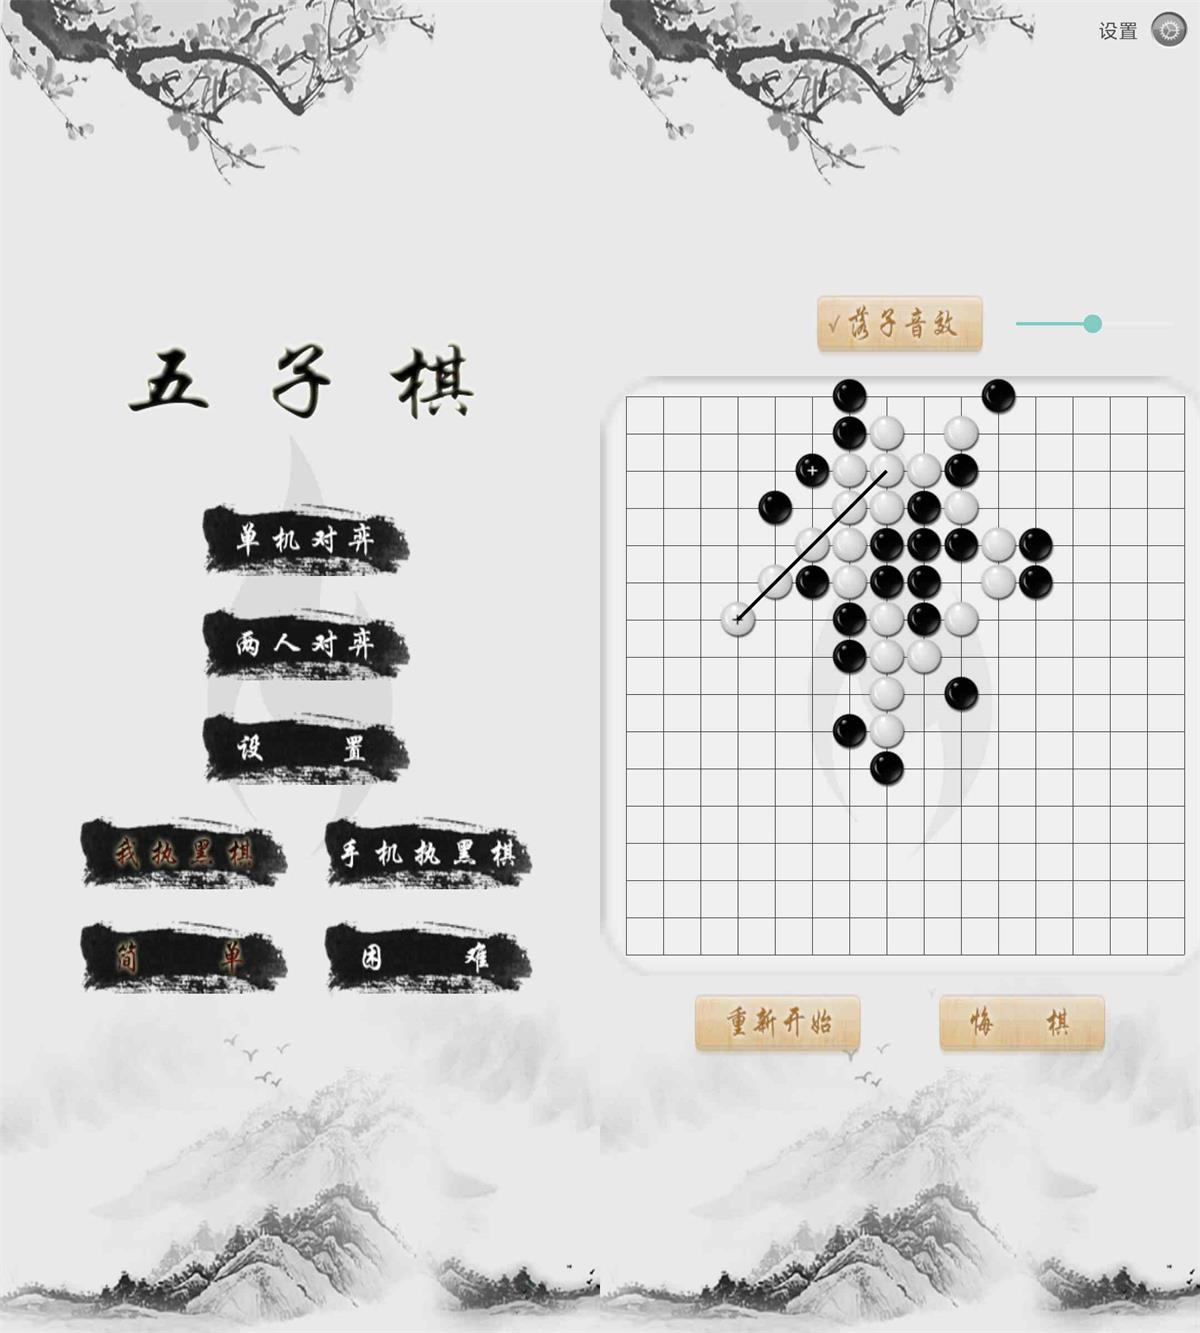 经典对战游戏 五子棋